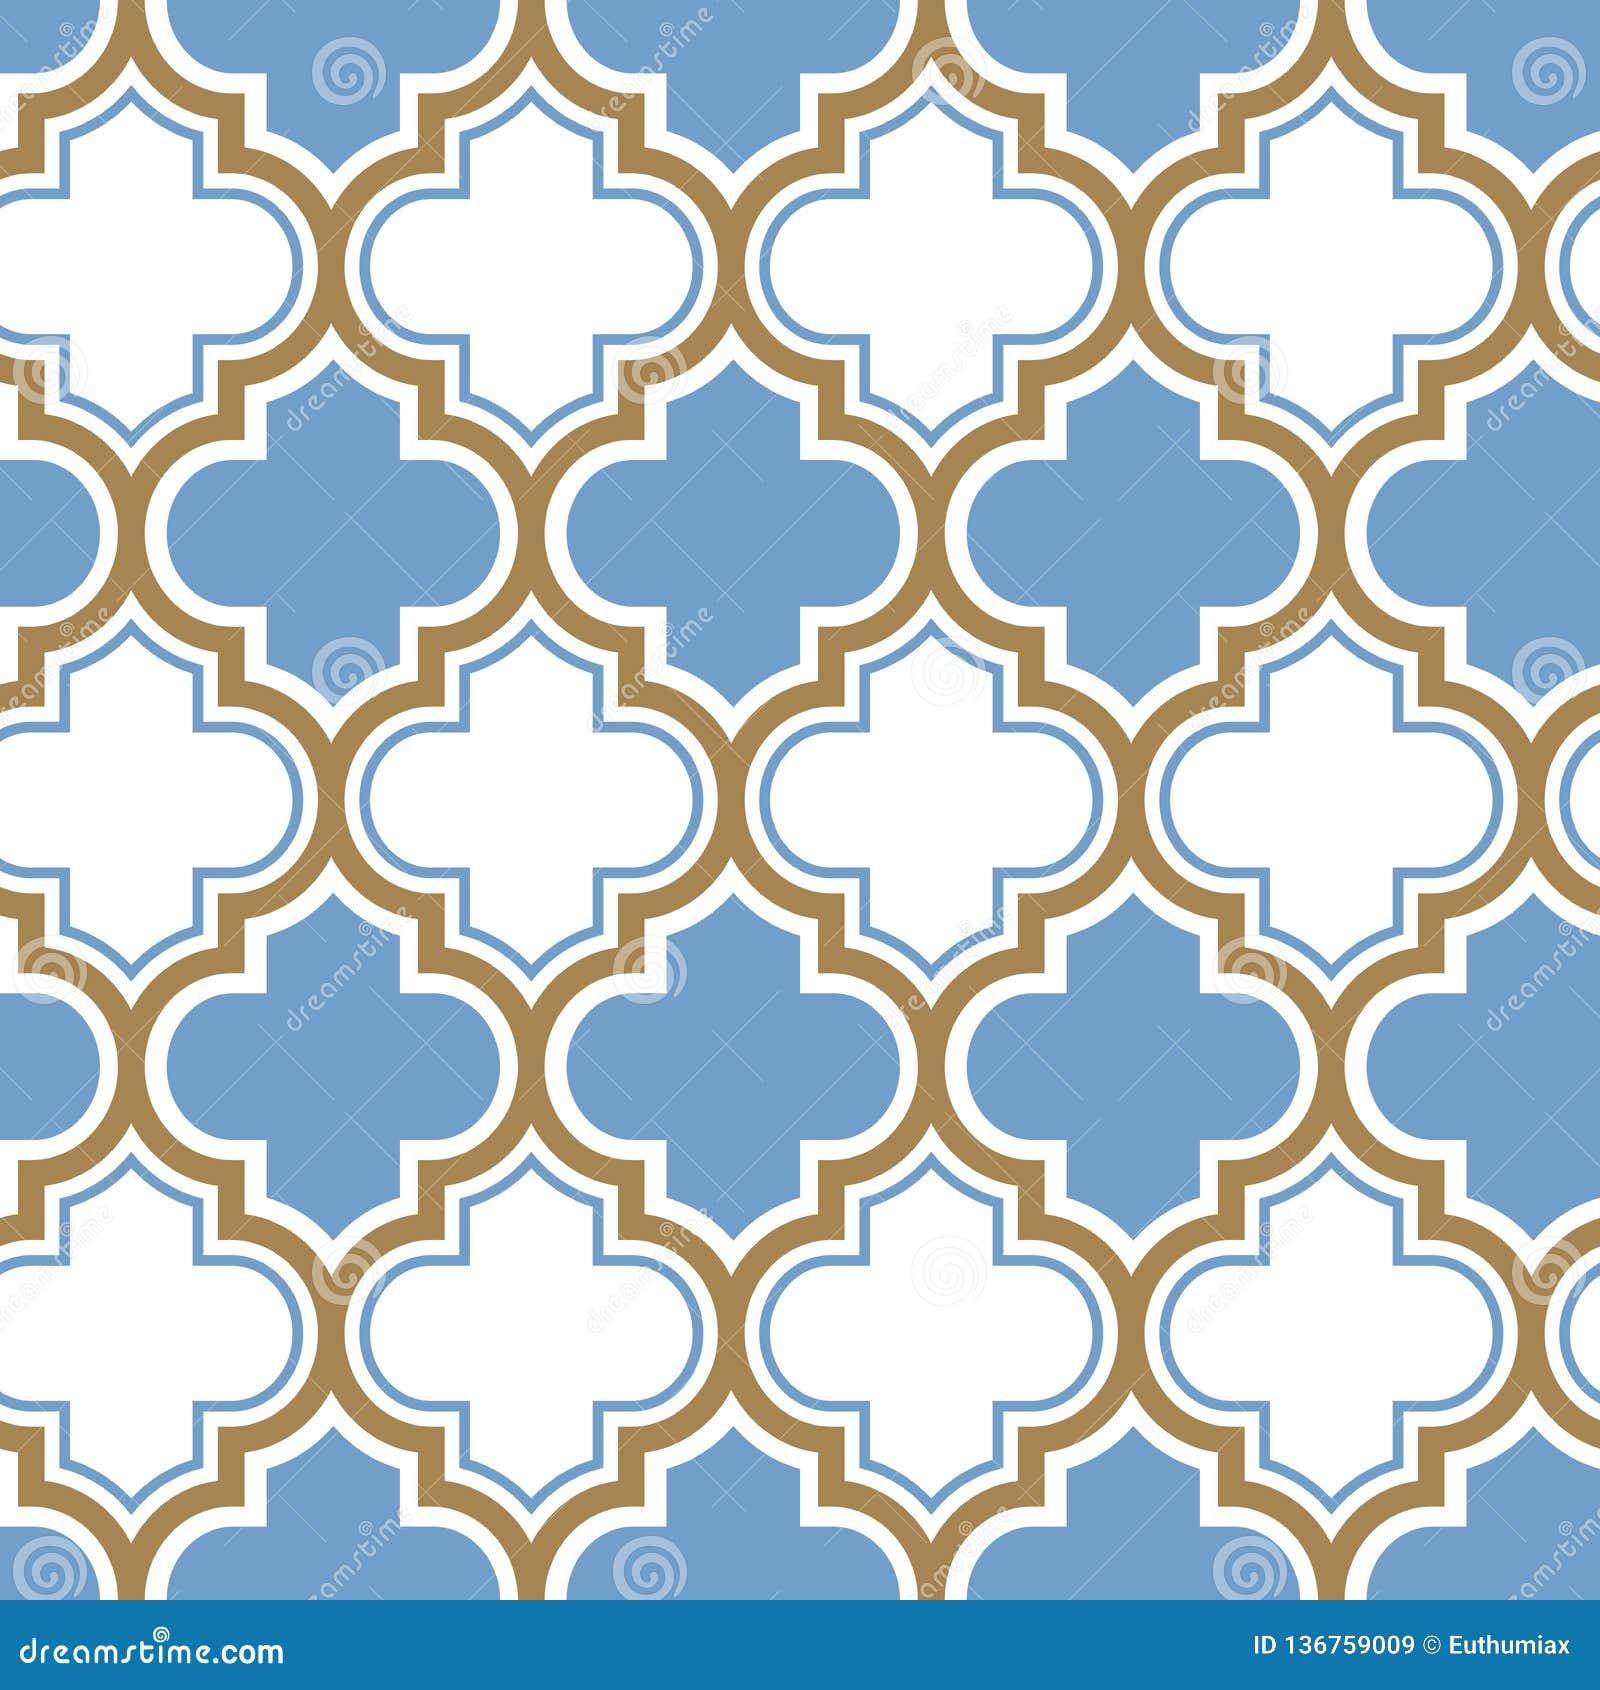 Nahtloses Muster der marokkanischen Wiederholung des Vektors Hellblau, Goldbeige Linie auf weißem Hintergrund